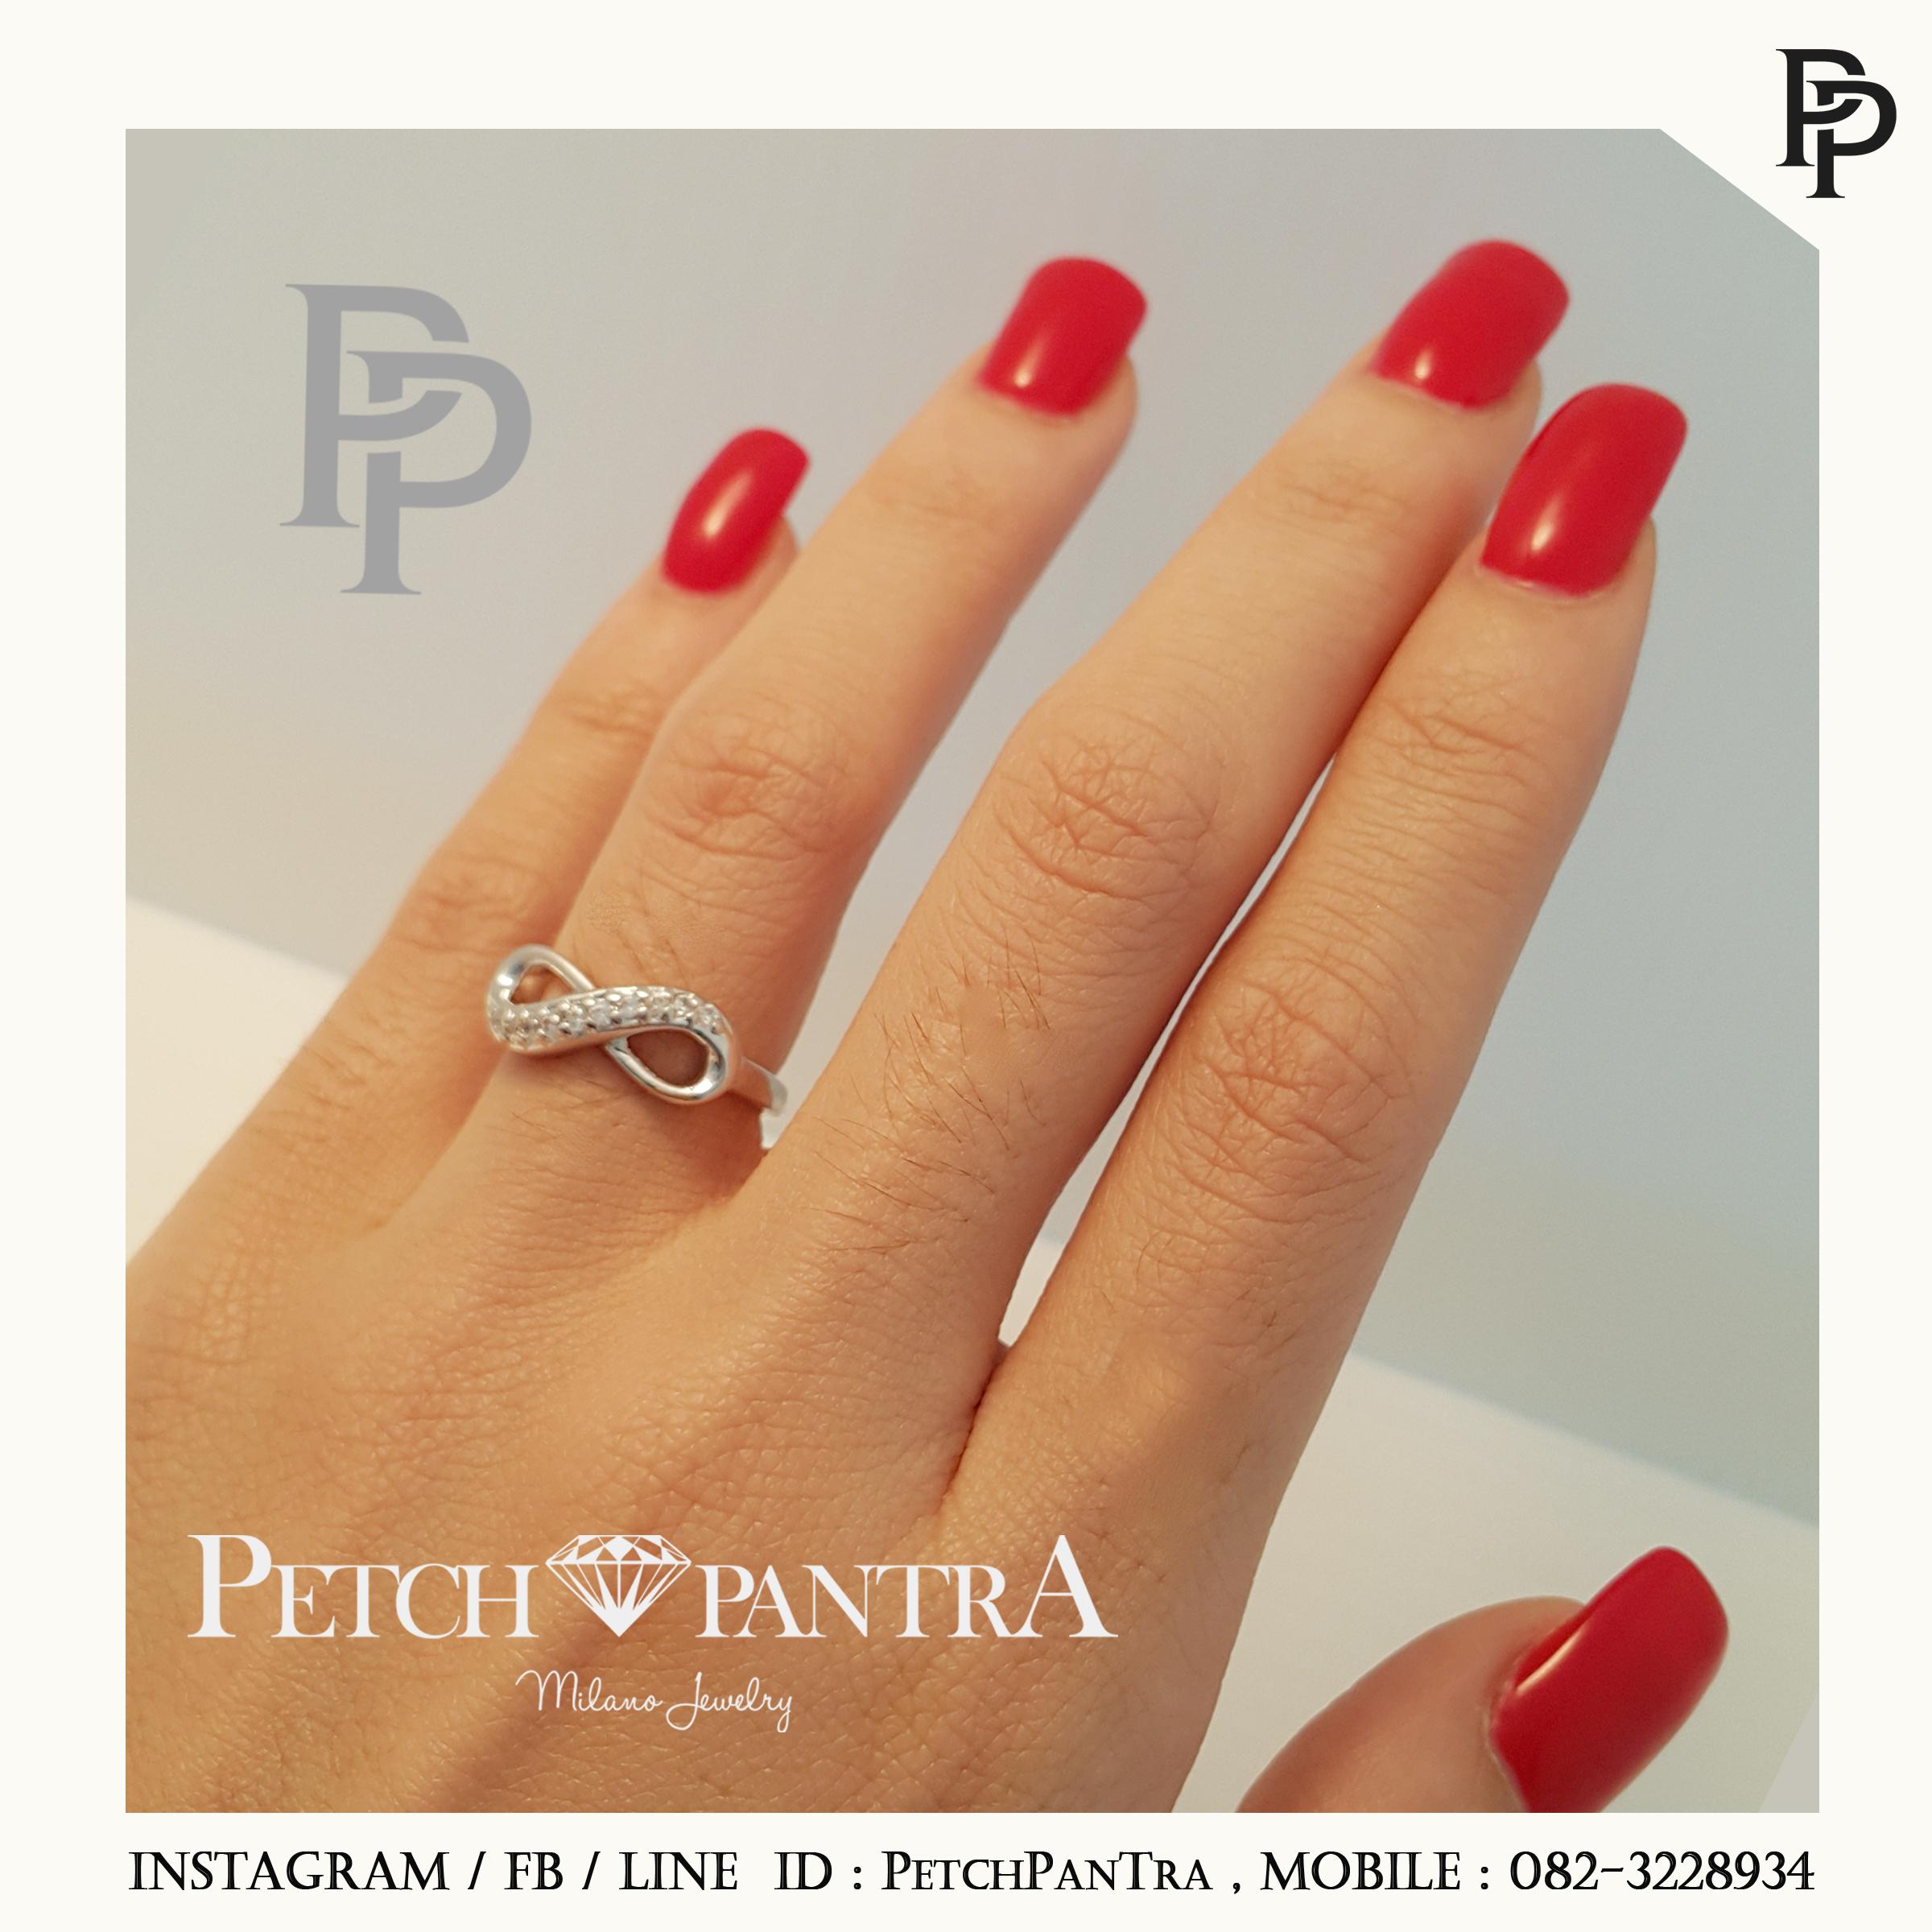 แหวนเพชรCZ แหวนเพชรรัสเซีย ทรงอิฟินิตี้